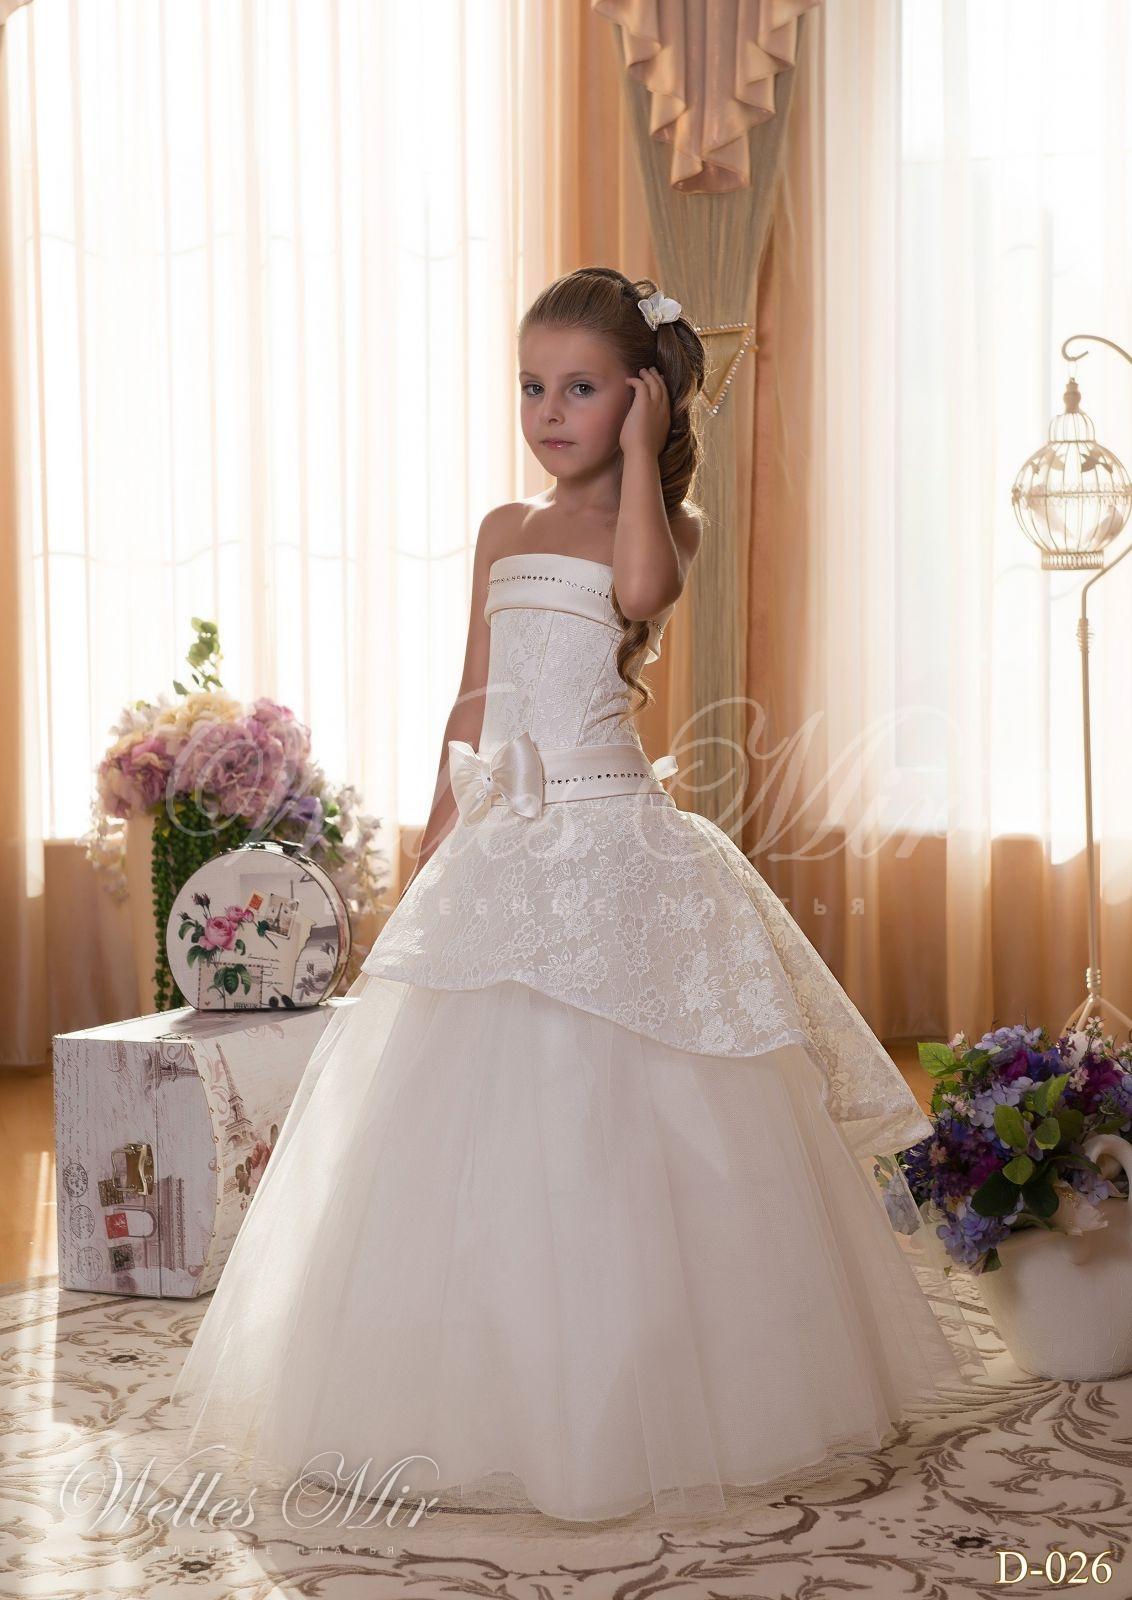 Детские платья Детские платья 2015 - D-026